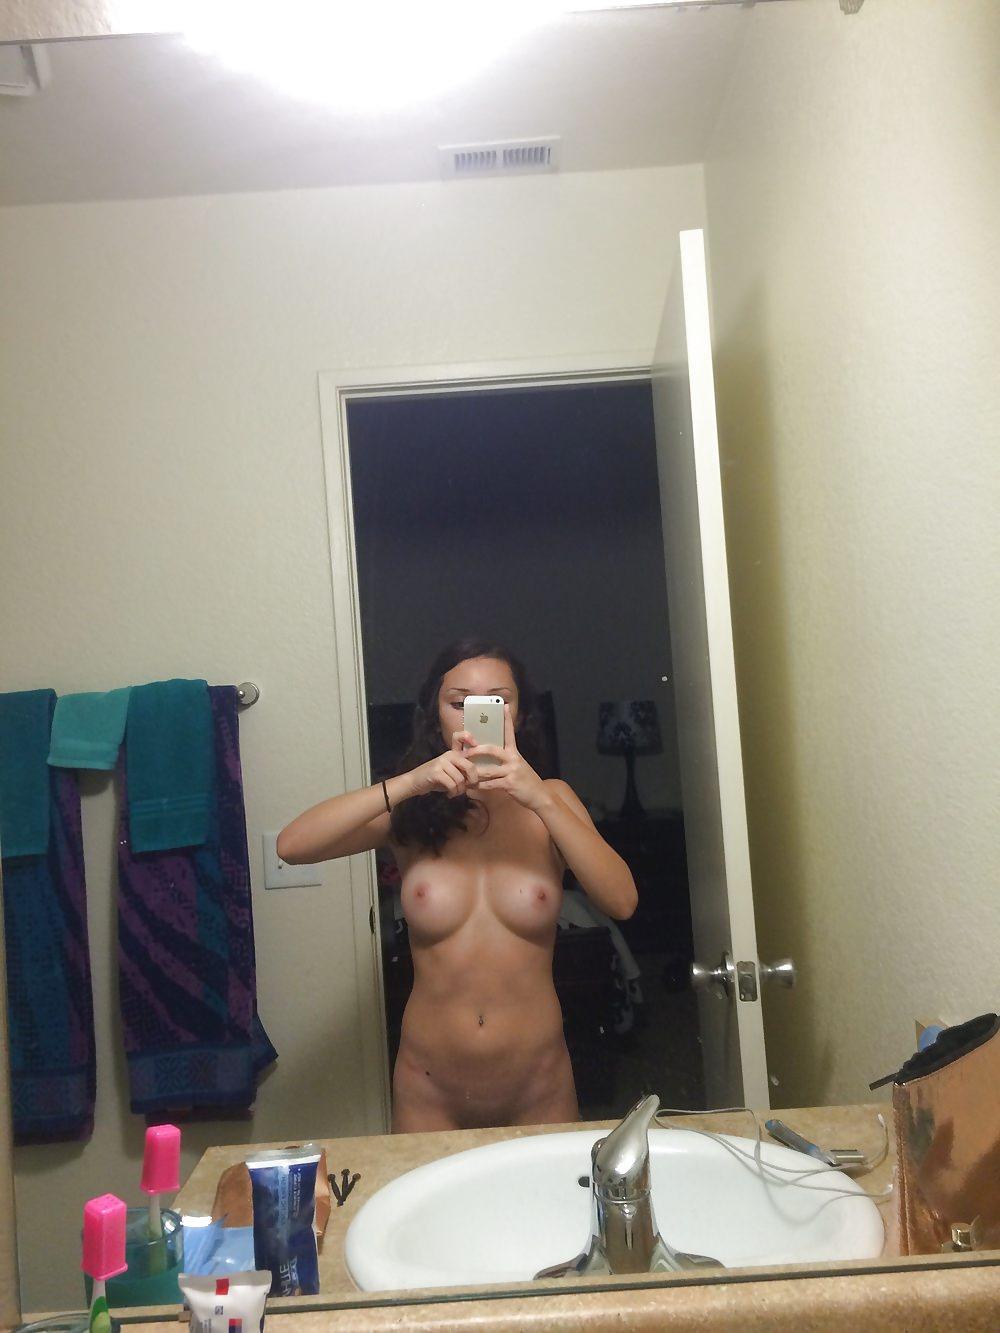 Asmr Darling Leaked Nudes